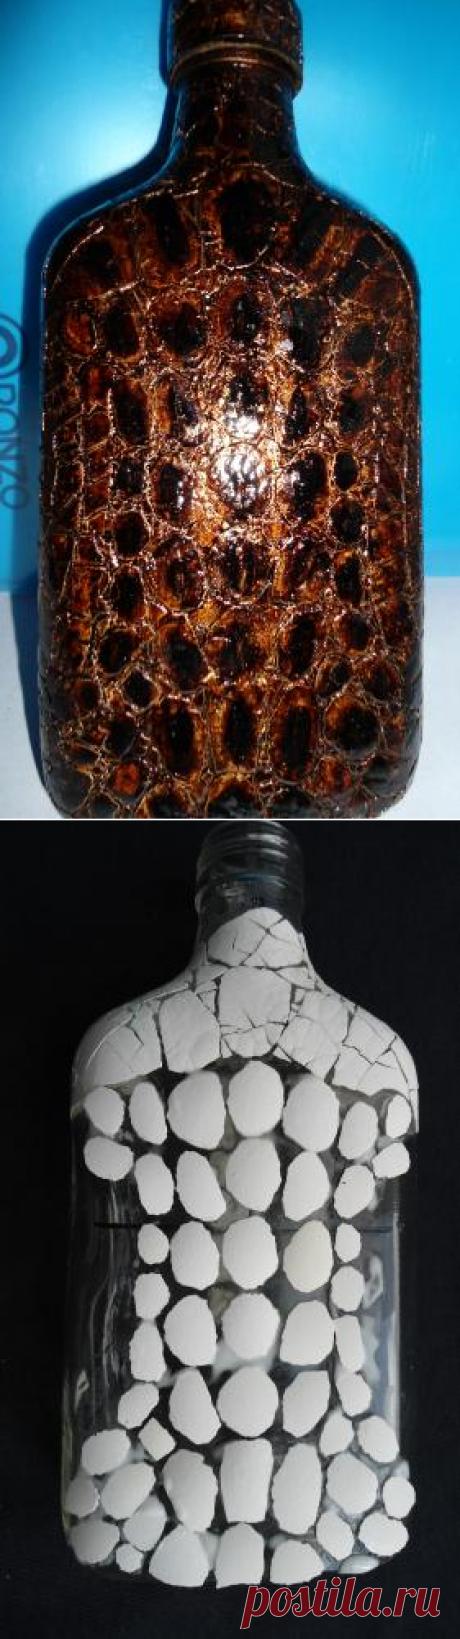 Имитация кожи рептилии при помощи яичной скорлупы